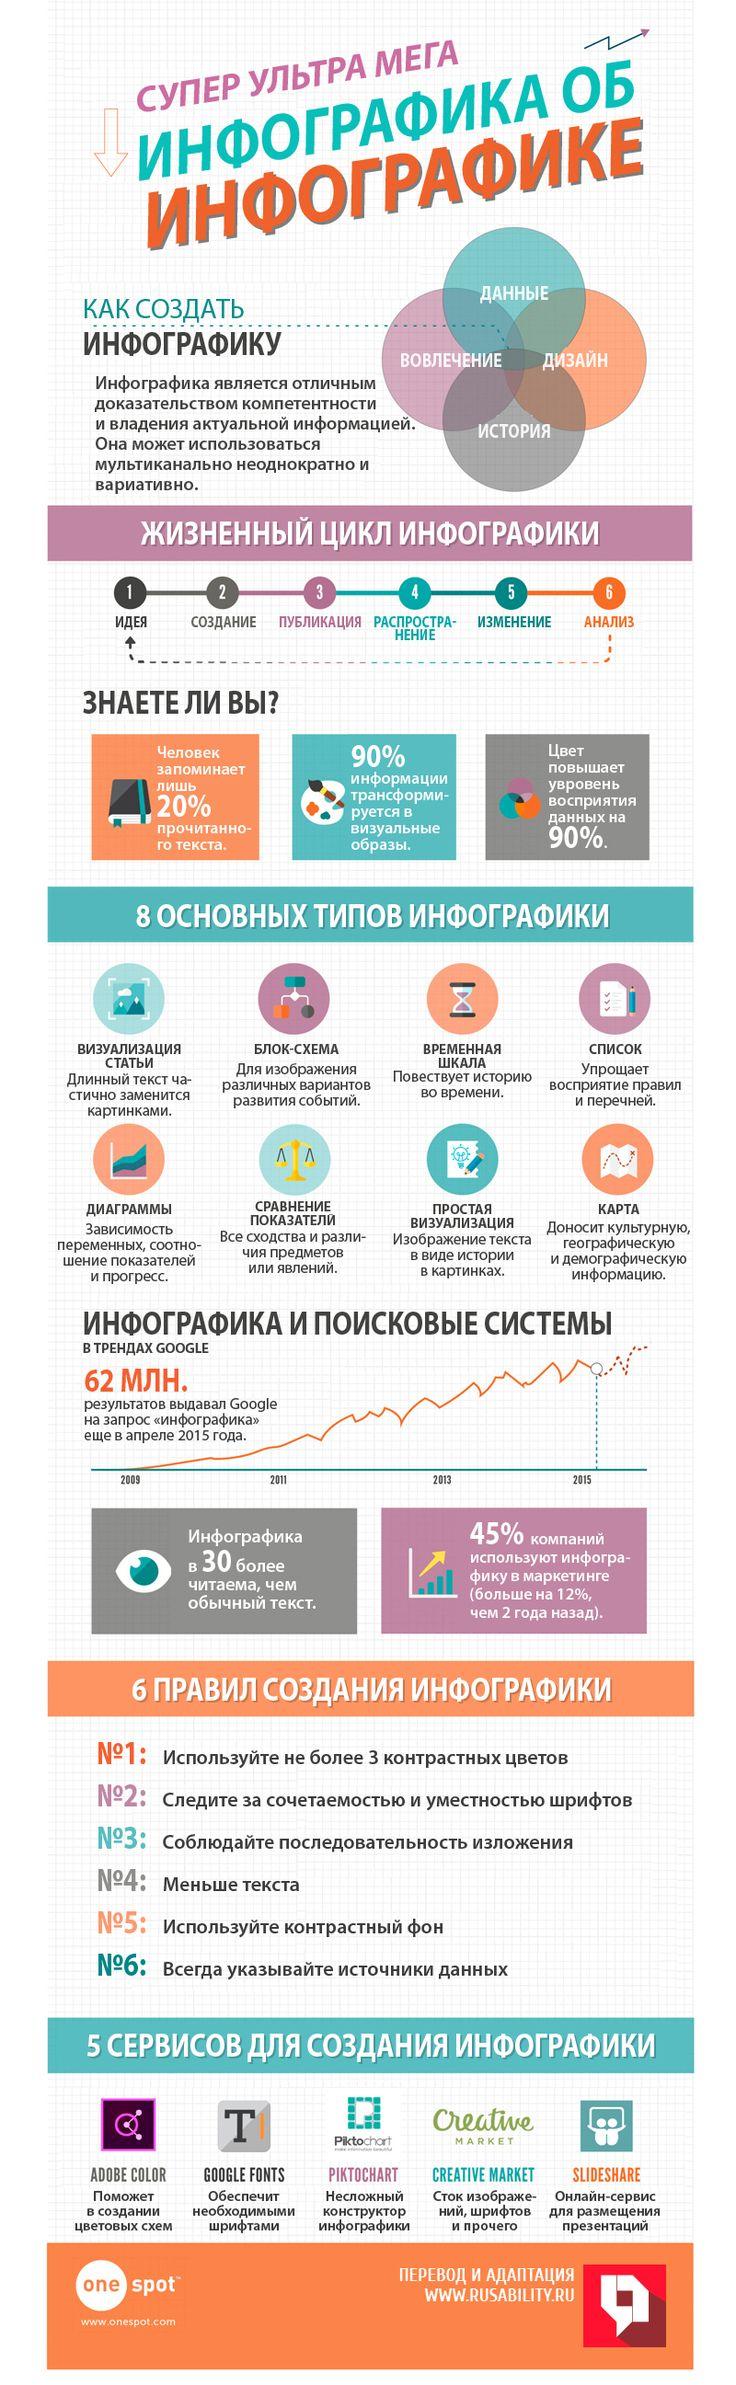 Инфографика, контент, креатив, создание, визуализация, данные, исследования, советы